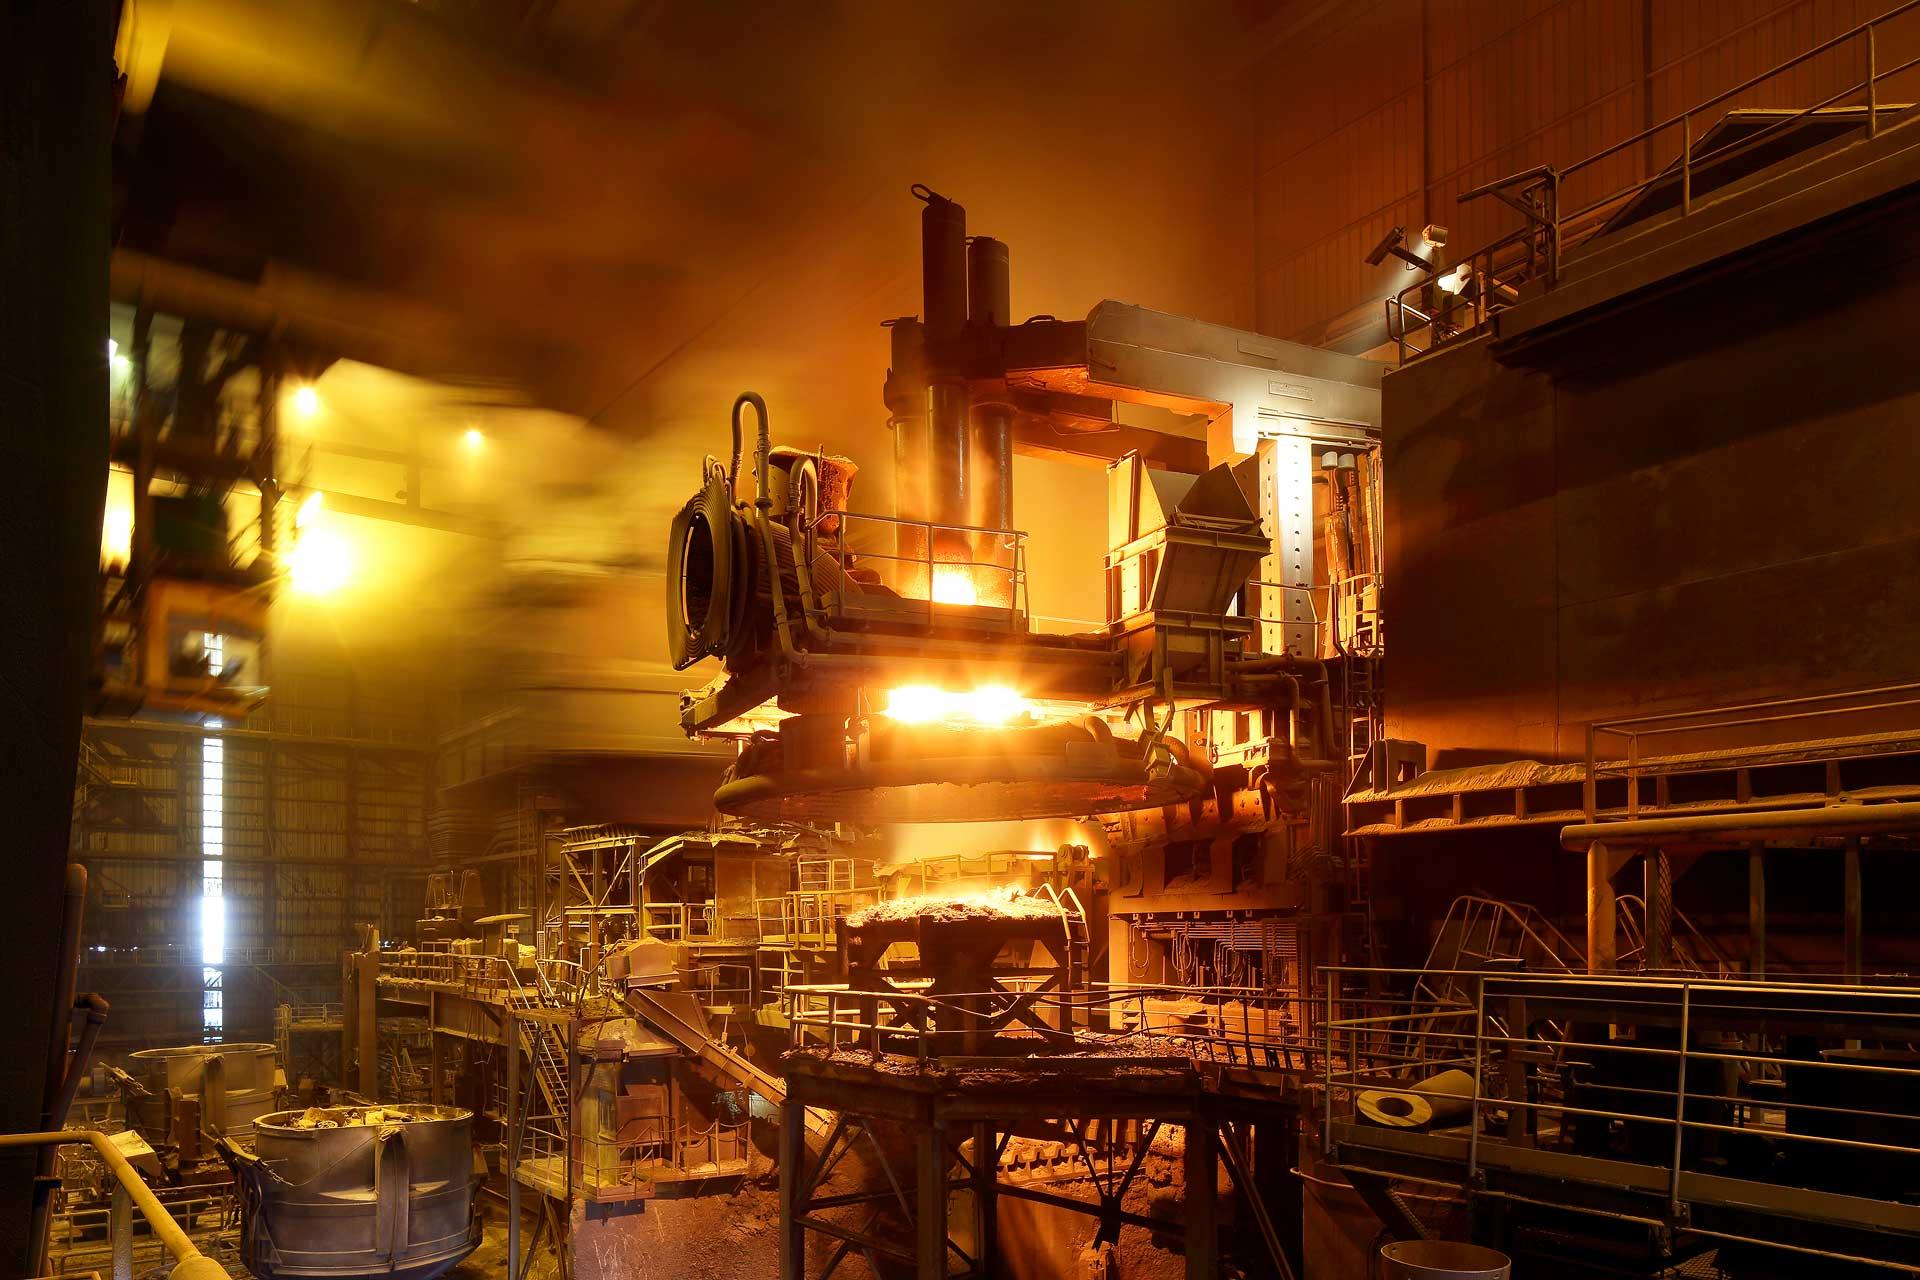 Ascometal : last steel castings